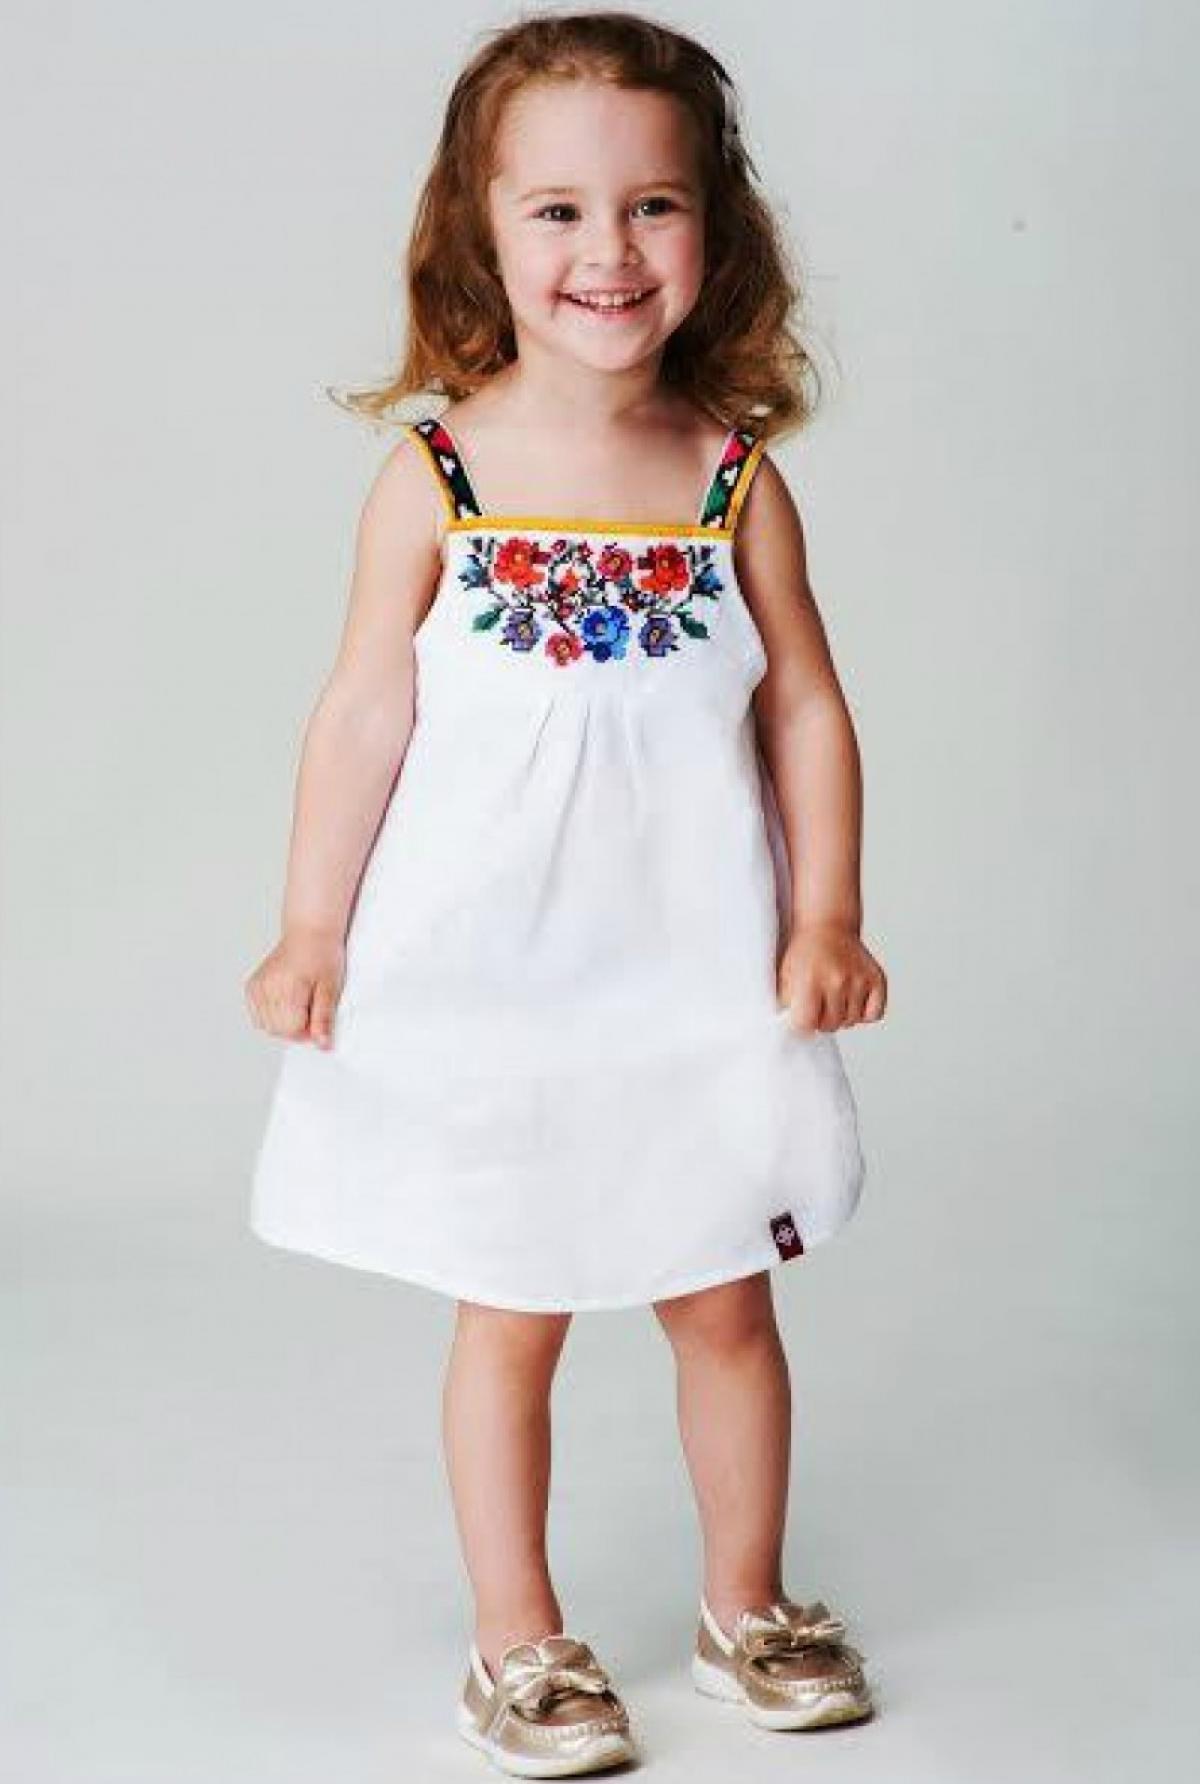 Embroidered white dress for the girl Borshchivska. Photo №1. | Narodnyi dim Ukraine